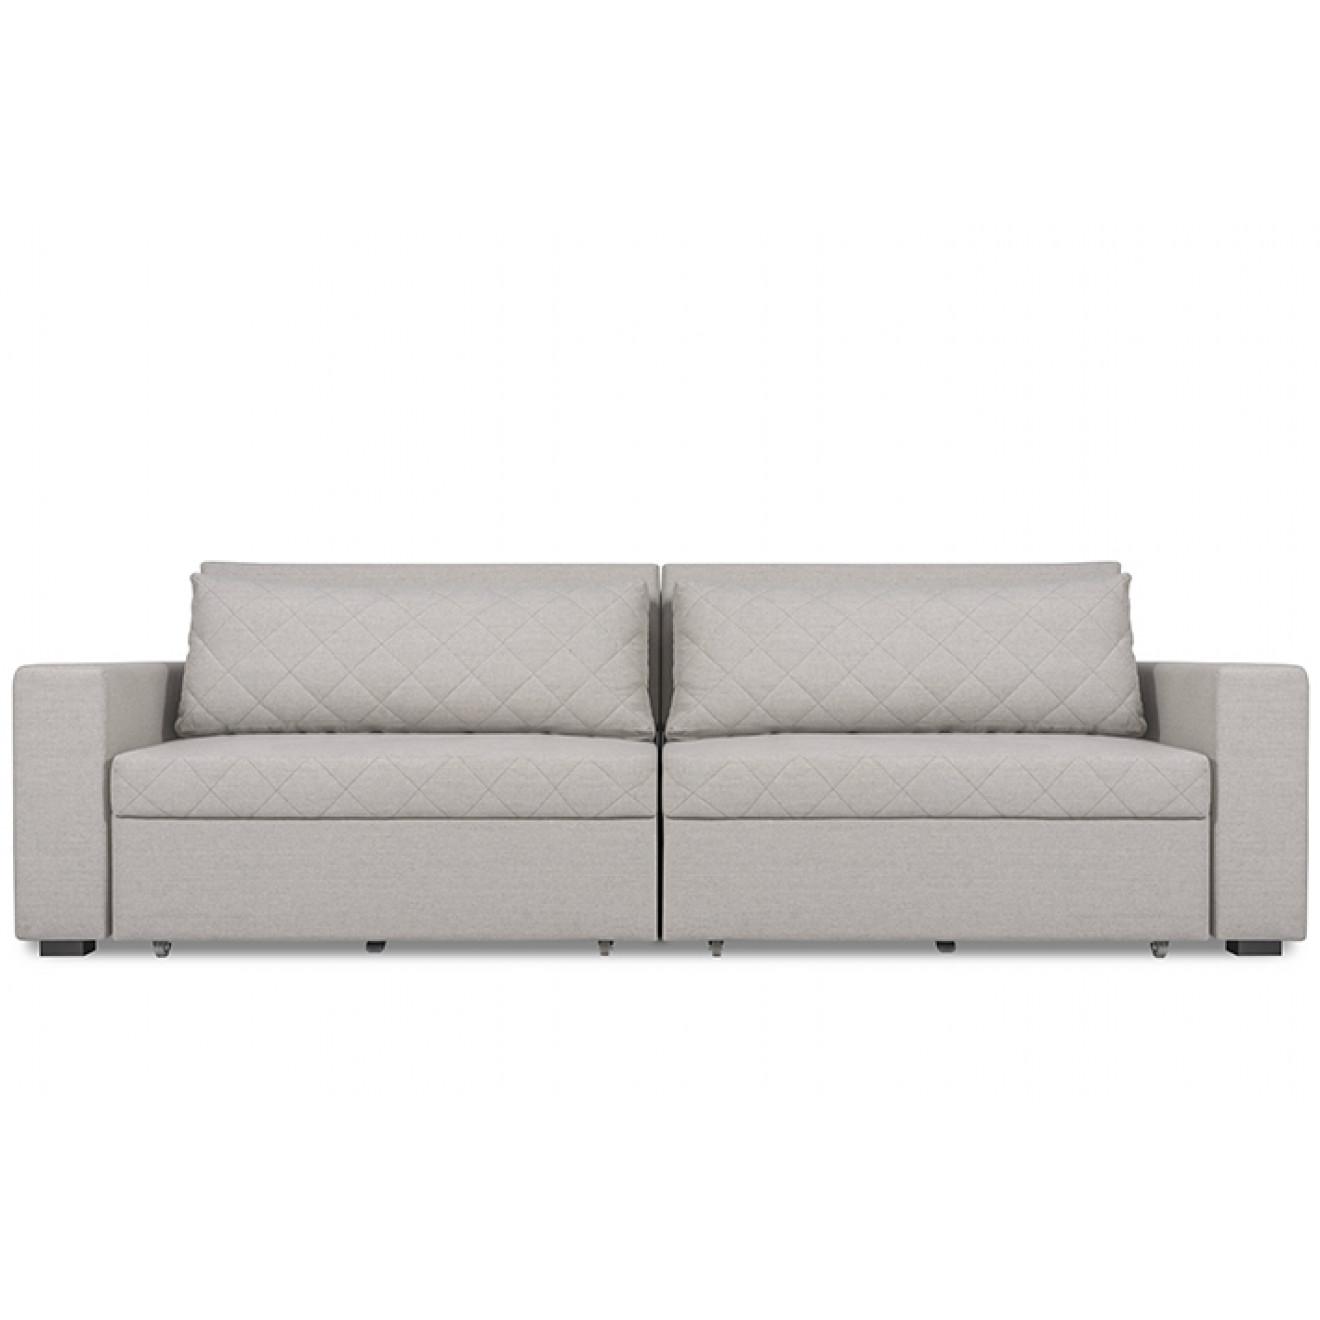 sofa usado olx rio de janeiro sectional connectors canada sofá retrátil gris sofás móveis muma e